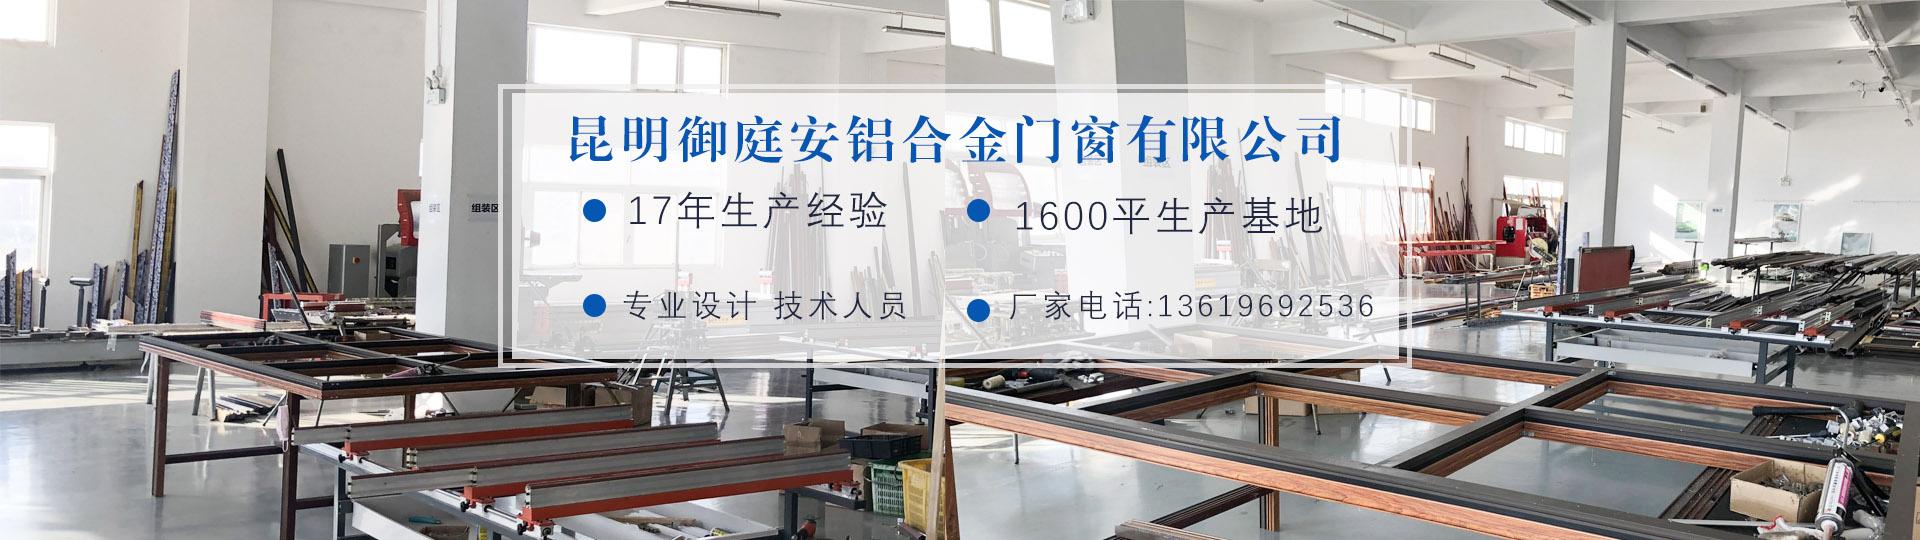 云南万博全站客户端铝门窗多少钱一平